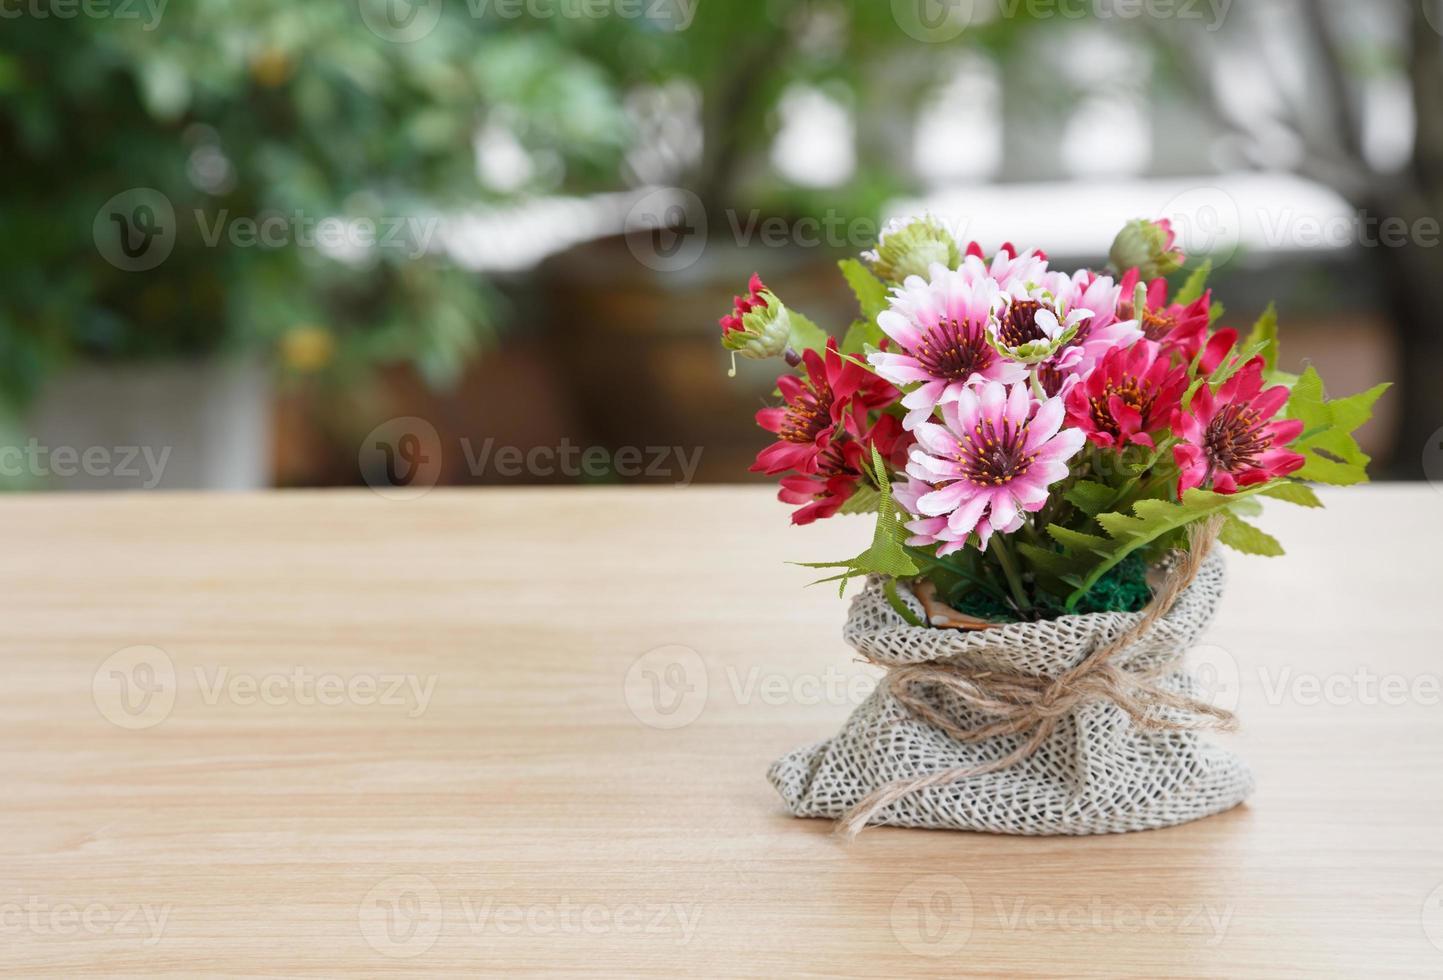 flor decorativa na mesa de madeira foto